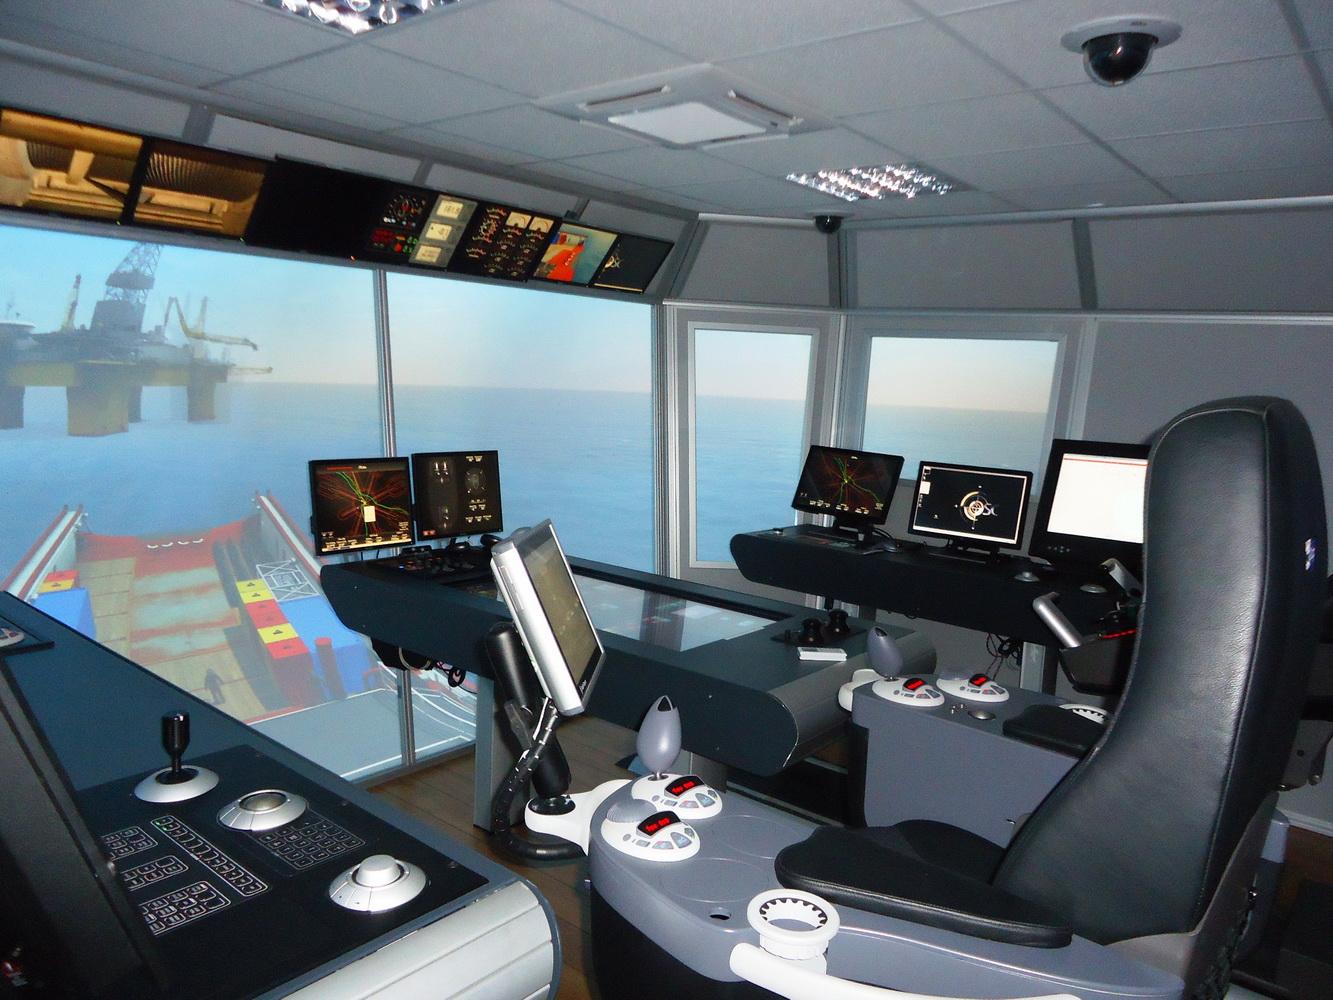 gmdss kapetanski Patrolni camci (p ) klase c 80, patrolni camci (p ) klase c 80 gradjeni su u titovom brodogradilistu kraljevica u dvije serije: 1 serija 1964 godine.